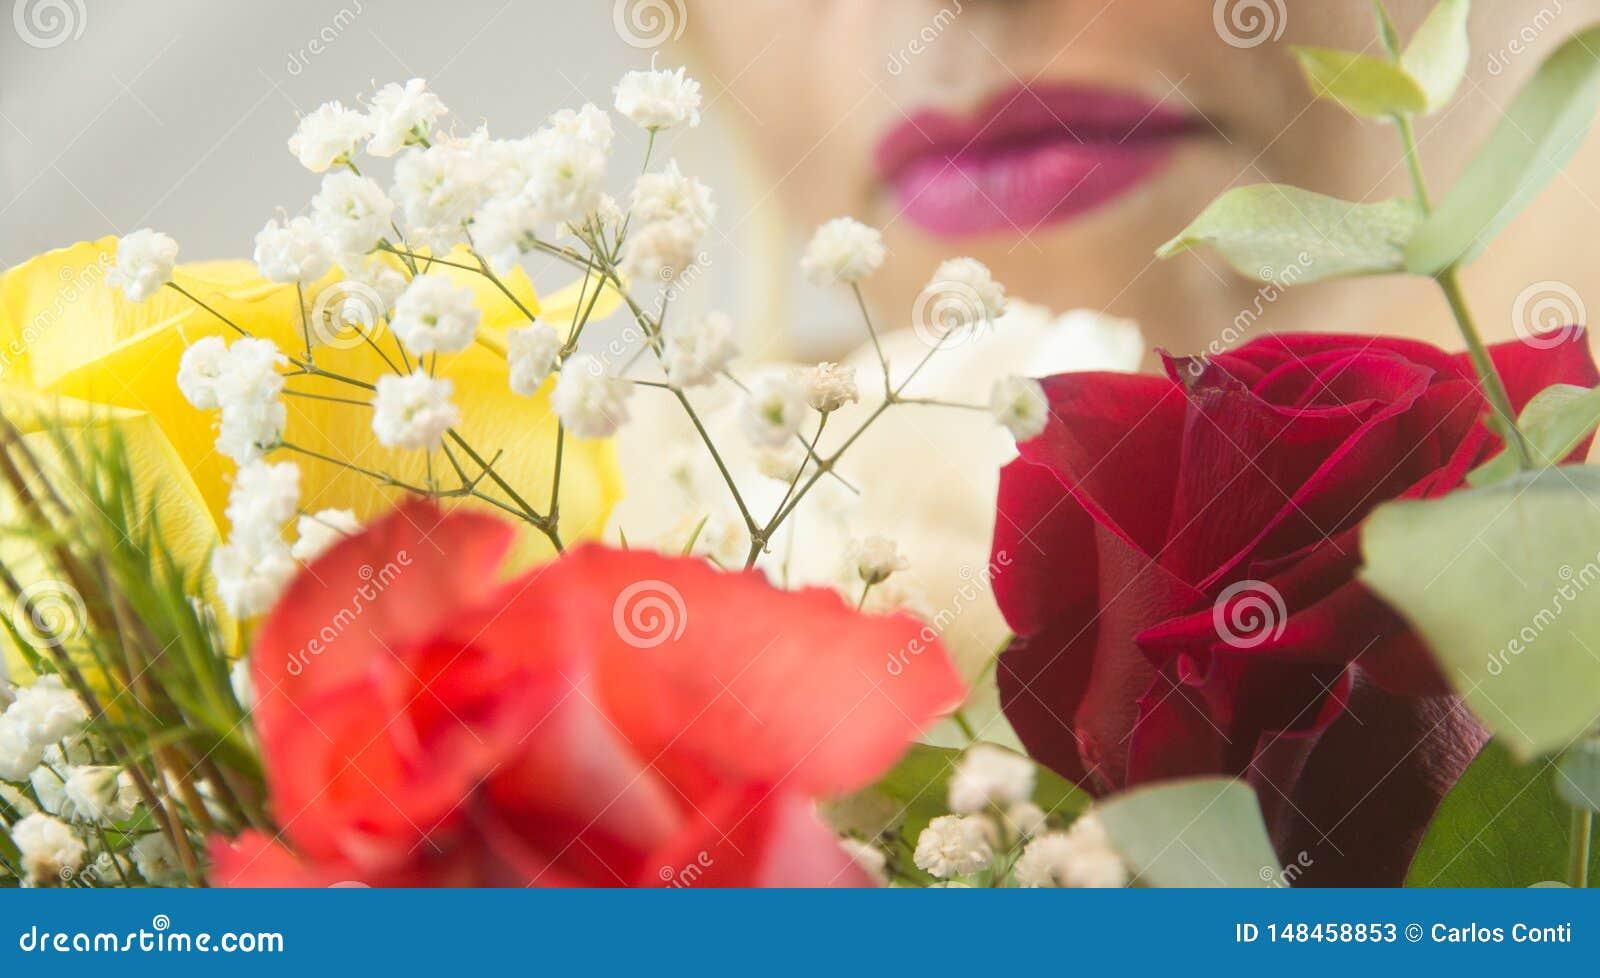 Los labios de la mujer con las flores en frente